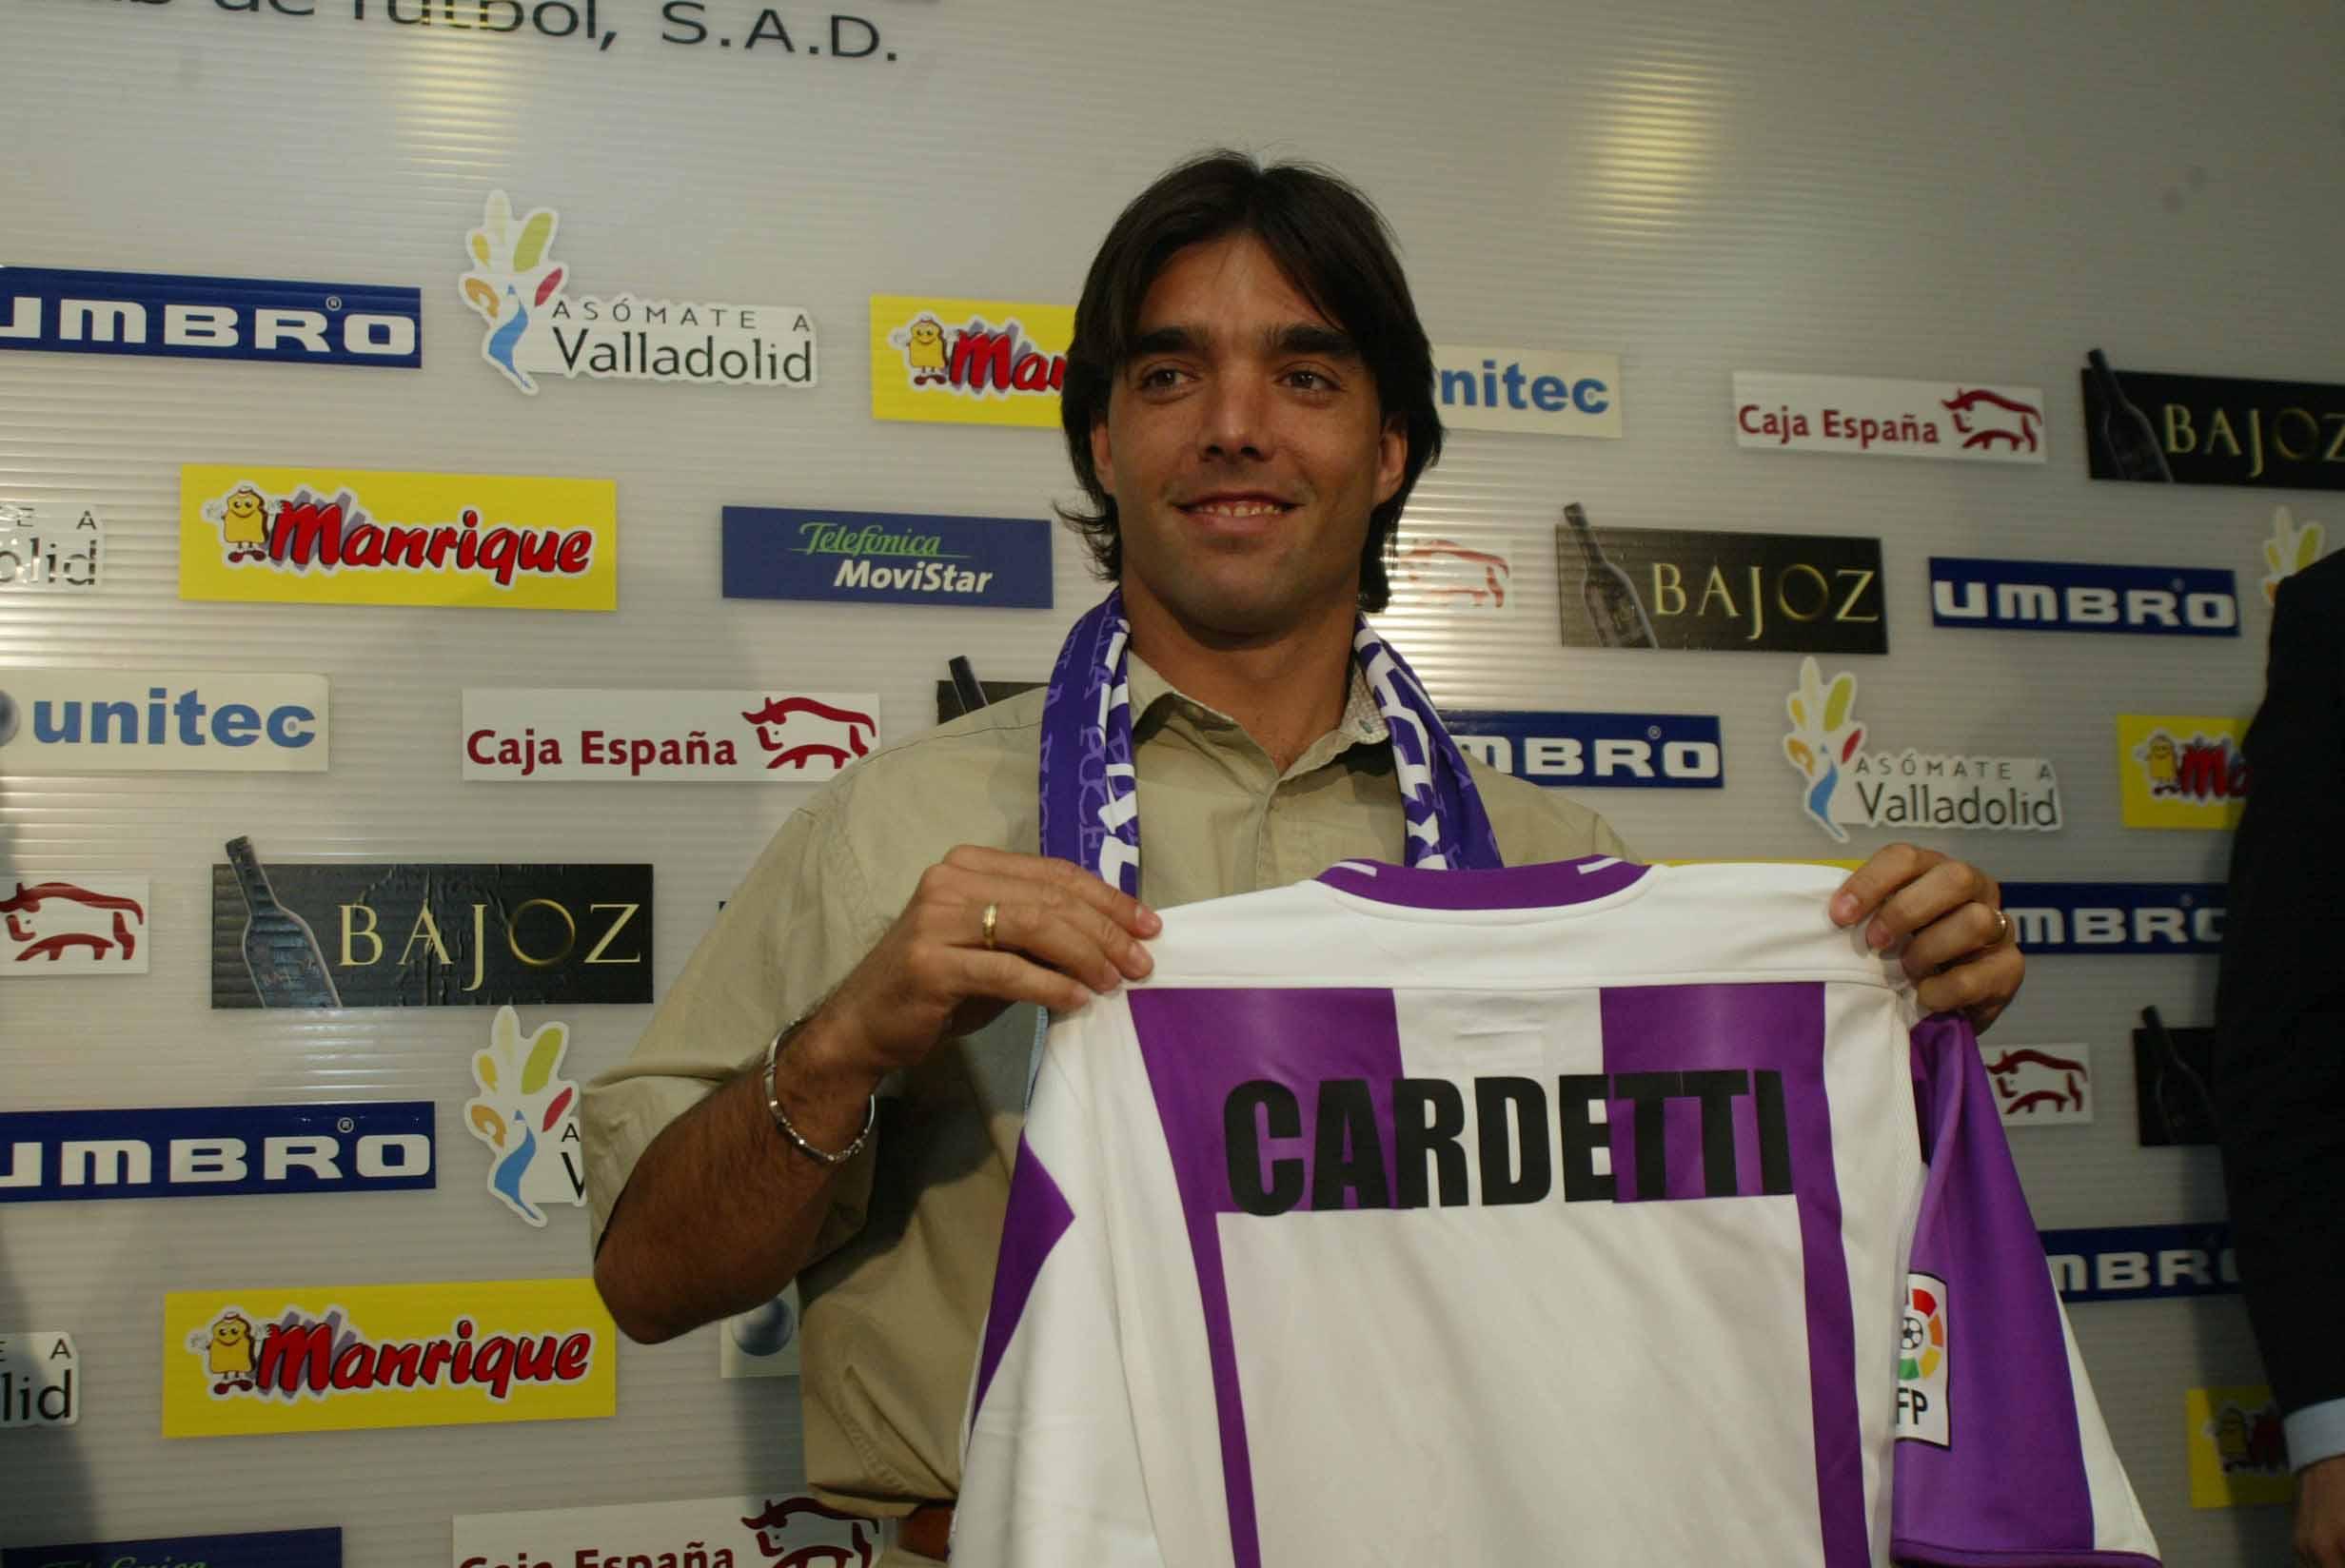 Martin Cardetti